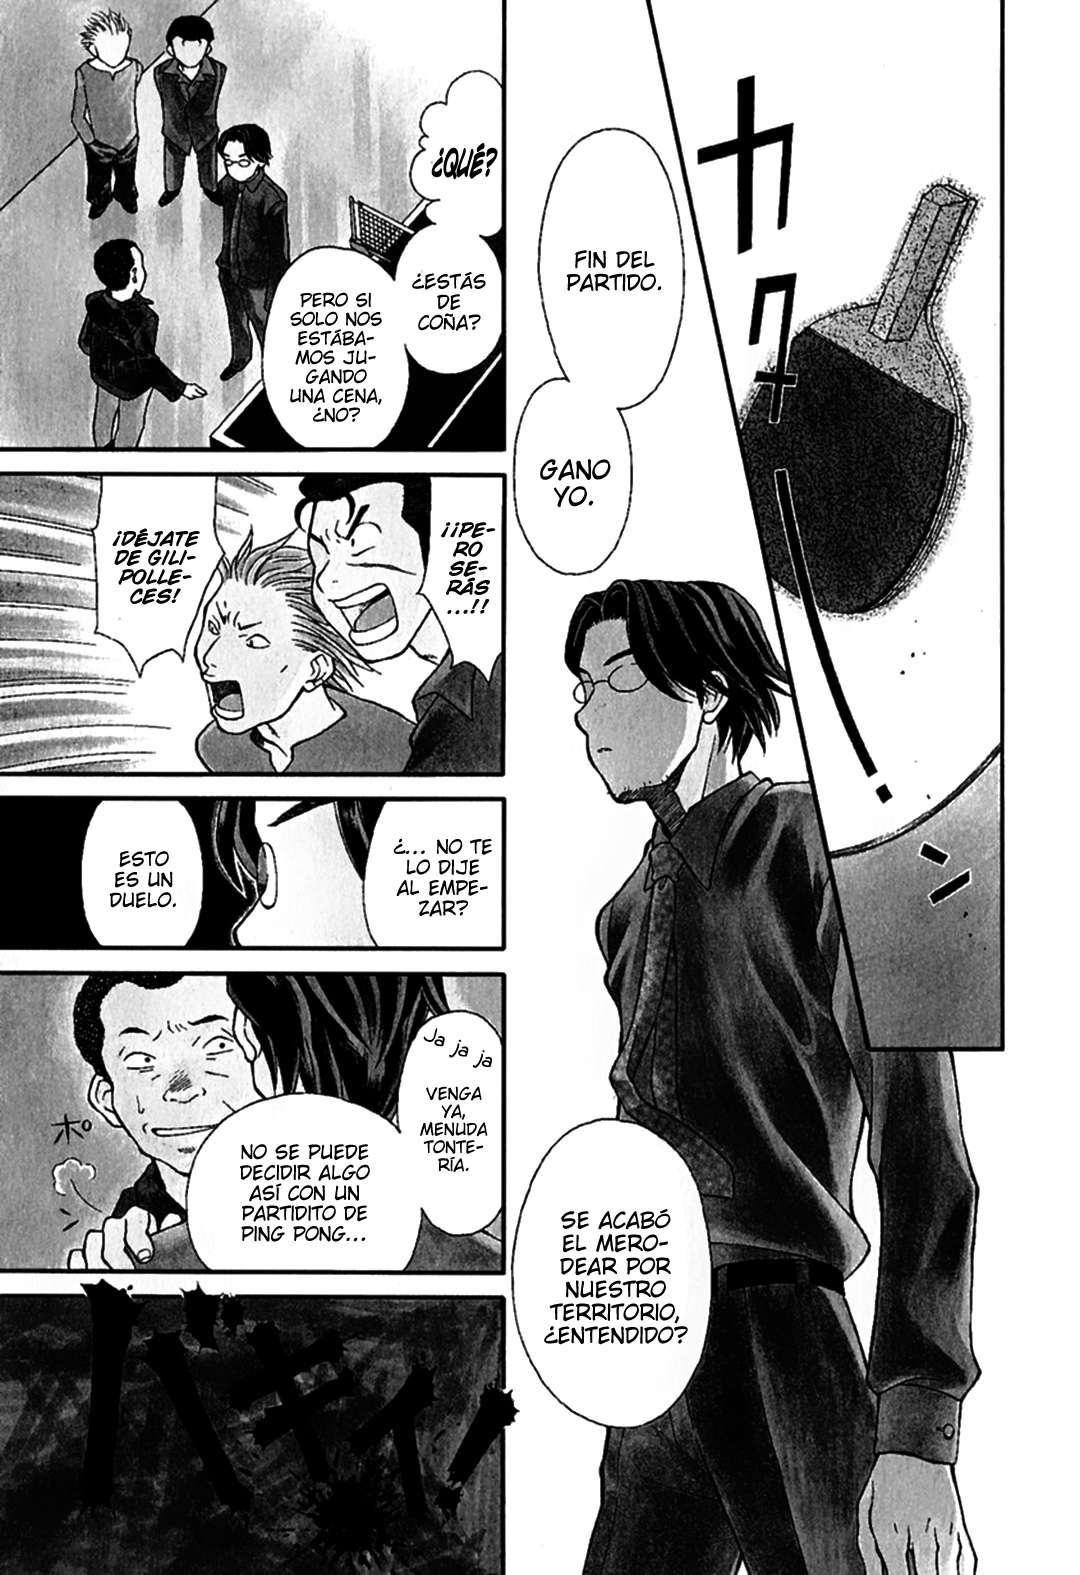 https://c5.ninemanga.com/es_manga/42/18858/438405/e242660df1b69b74dcc7fde711f924ff.jpg Page 6